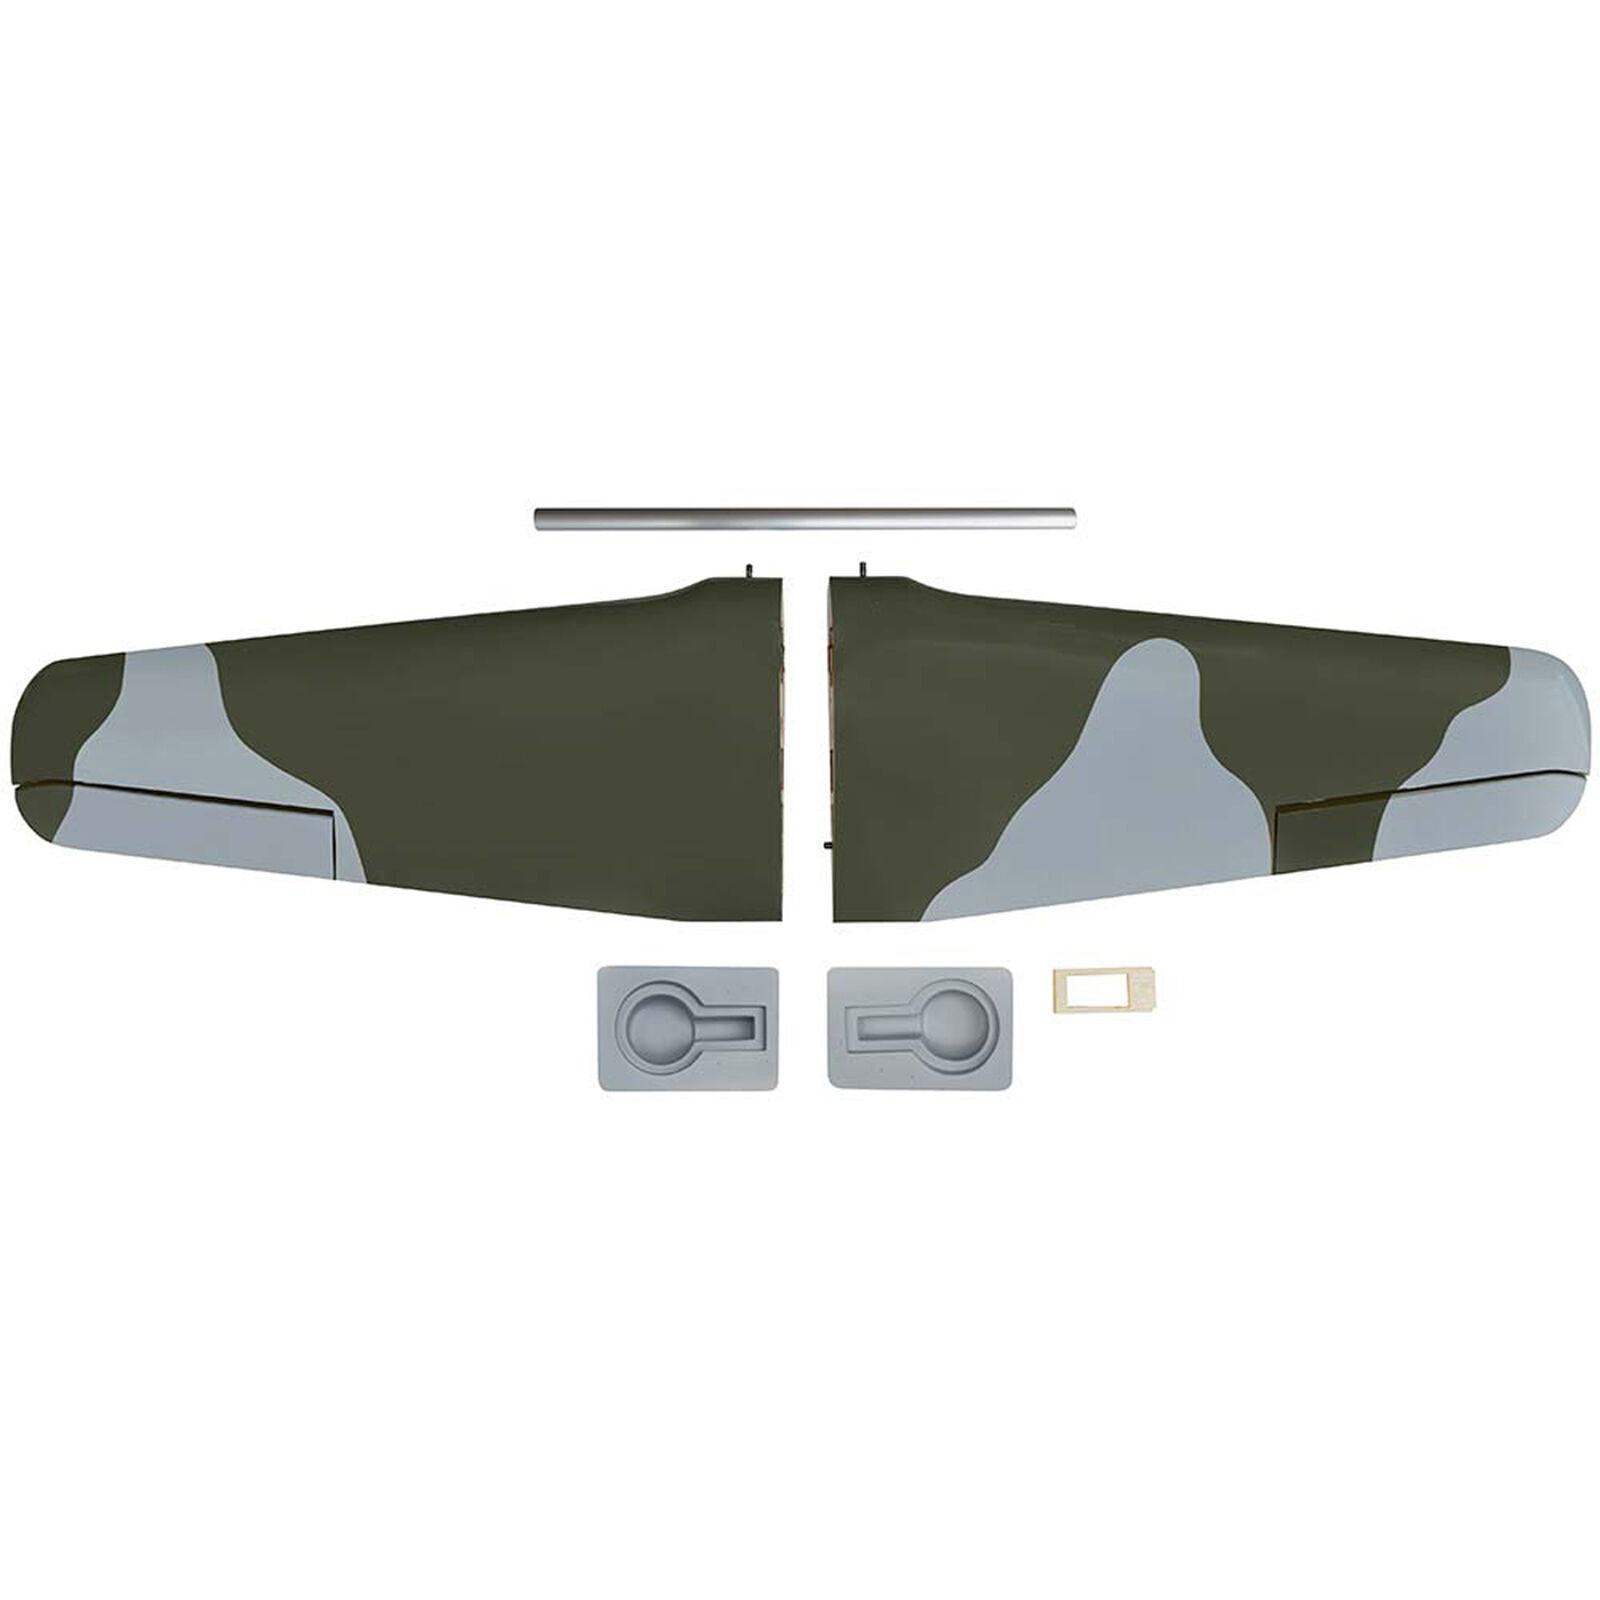 Wing Set Focke-Wulf FW 190 Gas EP ARF